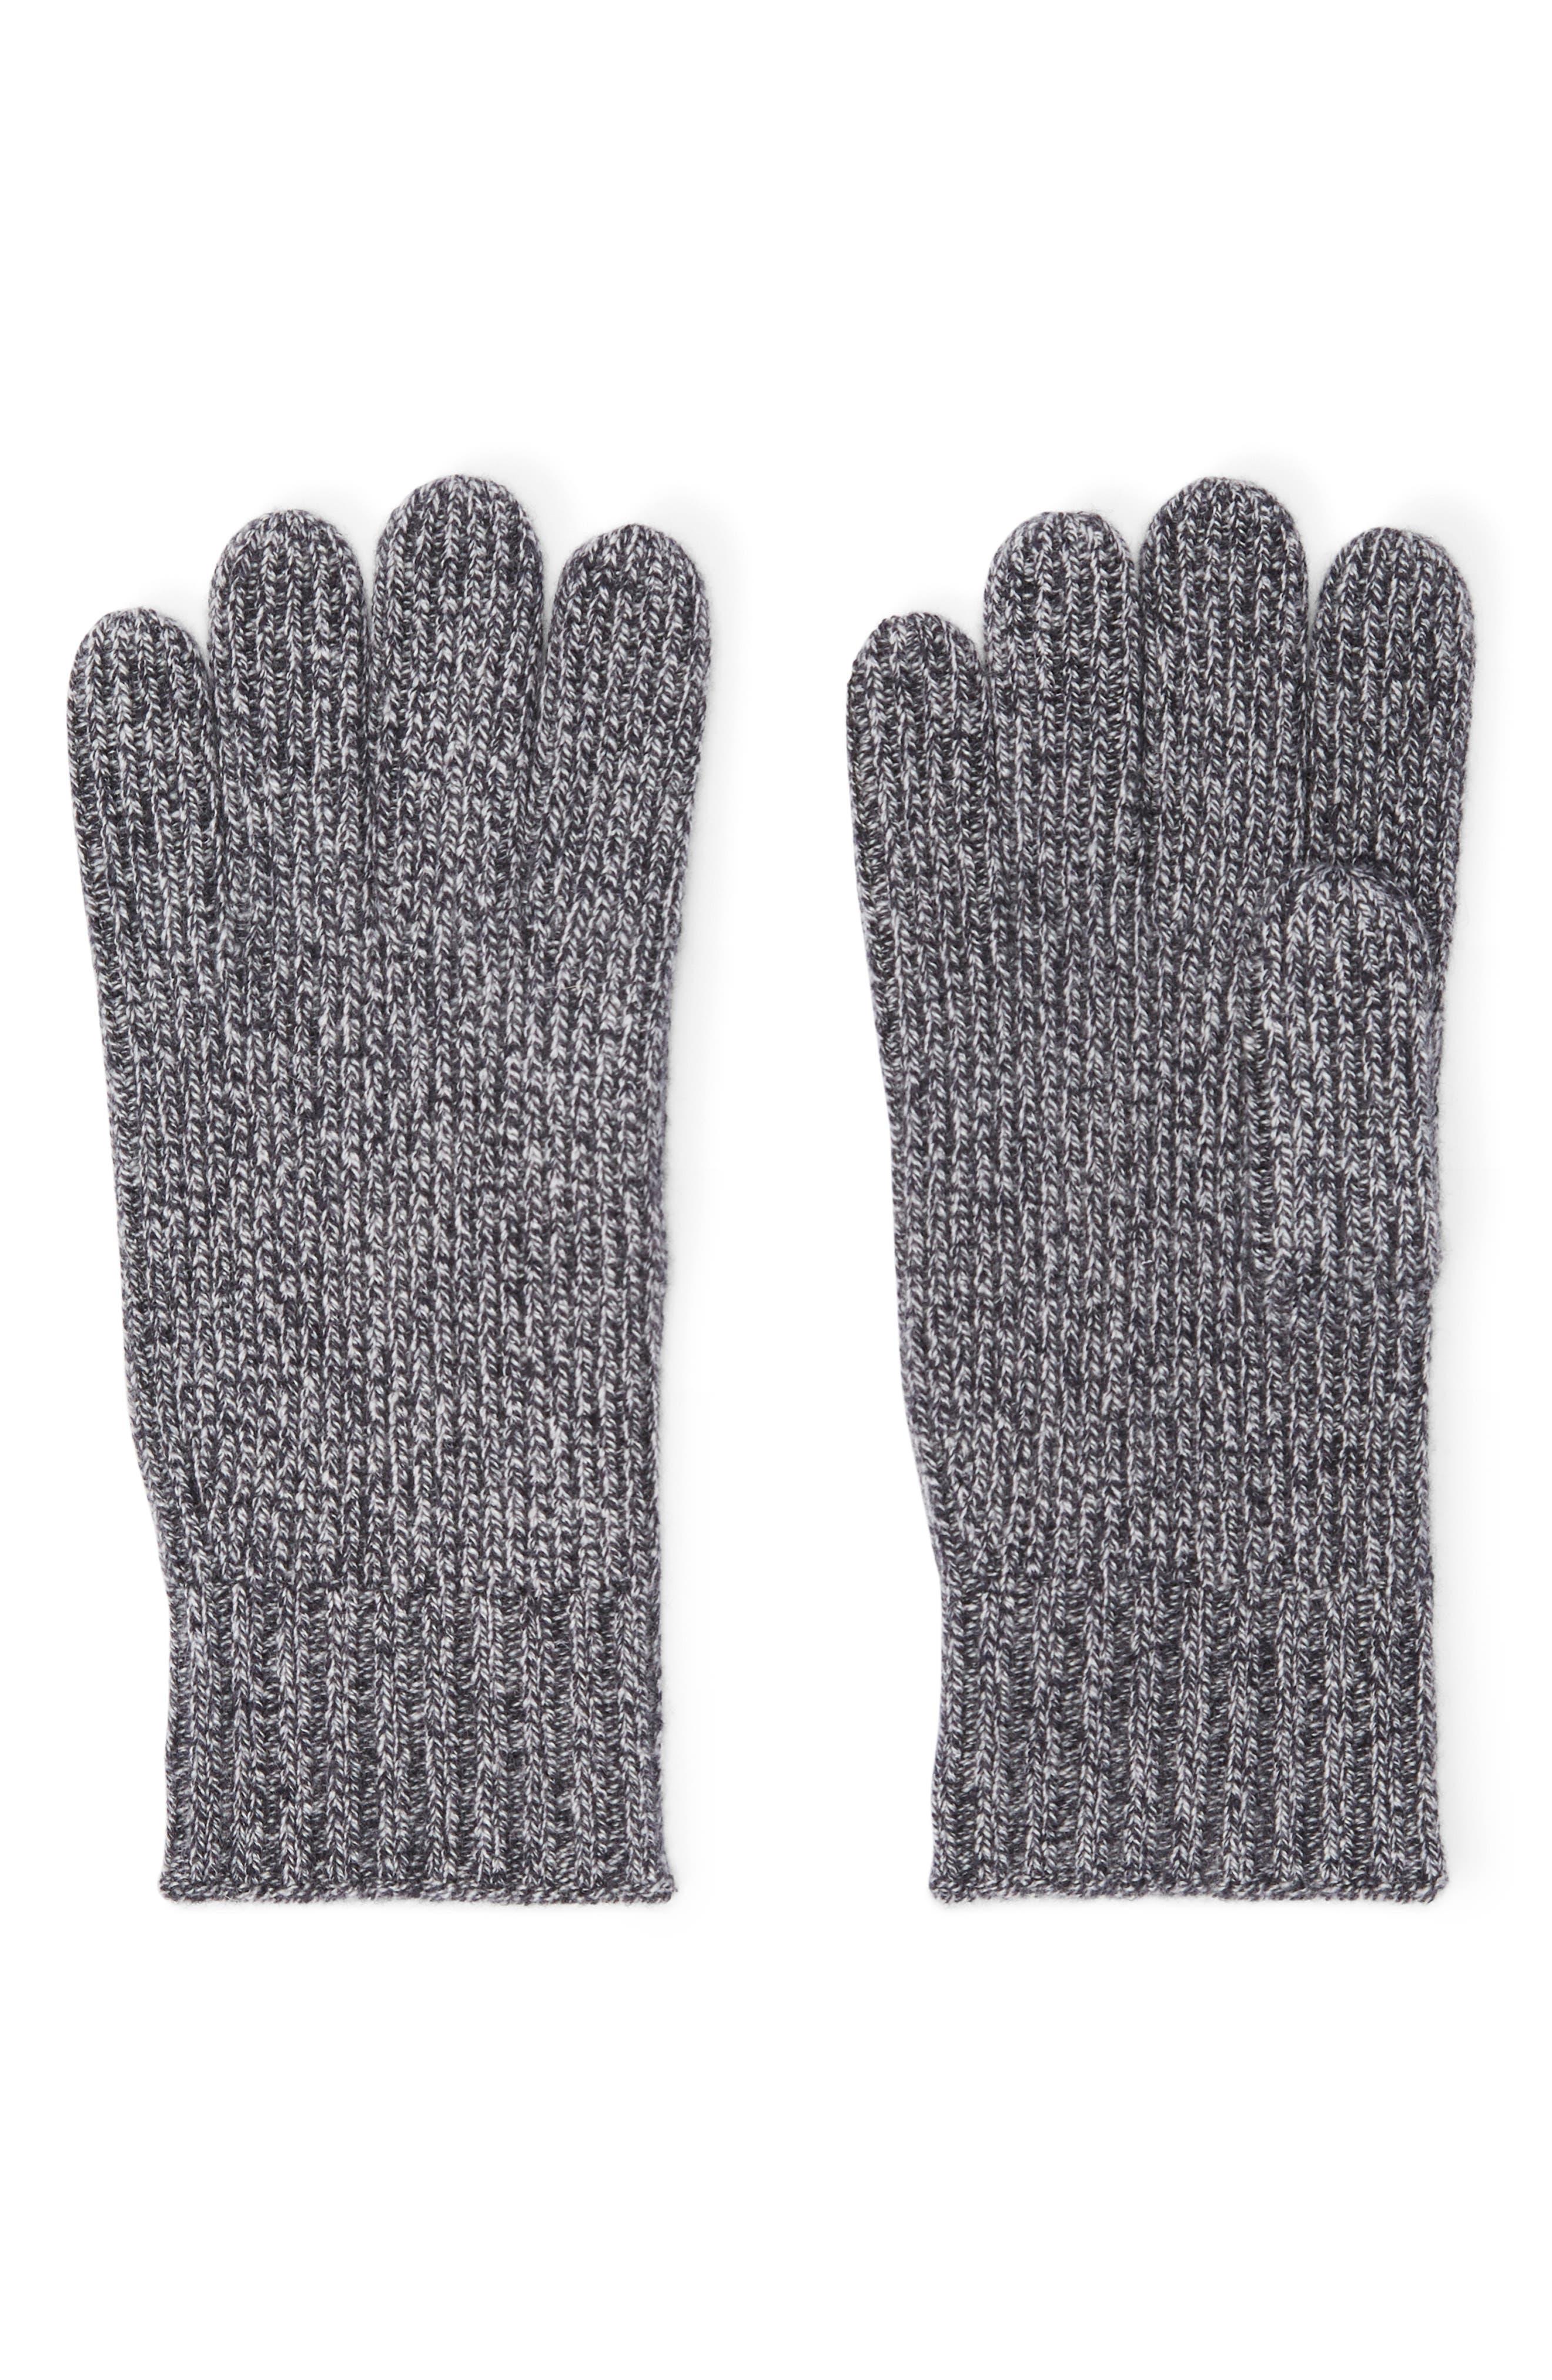 Kensington Cashmere Blend Gloves,                         Main,                         color, SALT AND PEPPER MARL